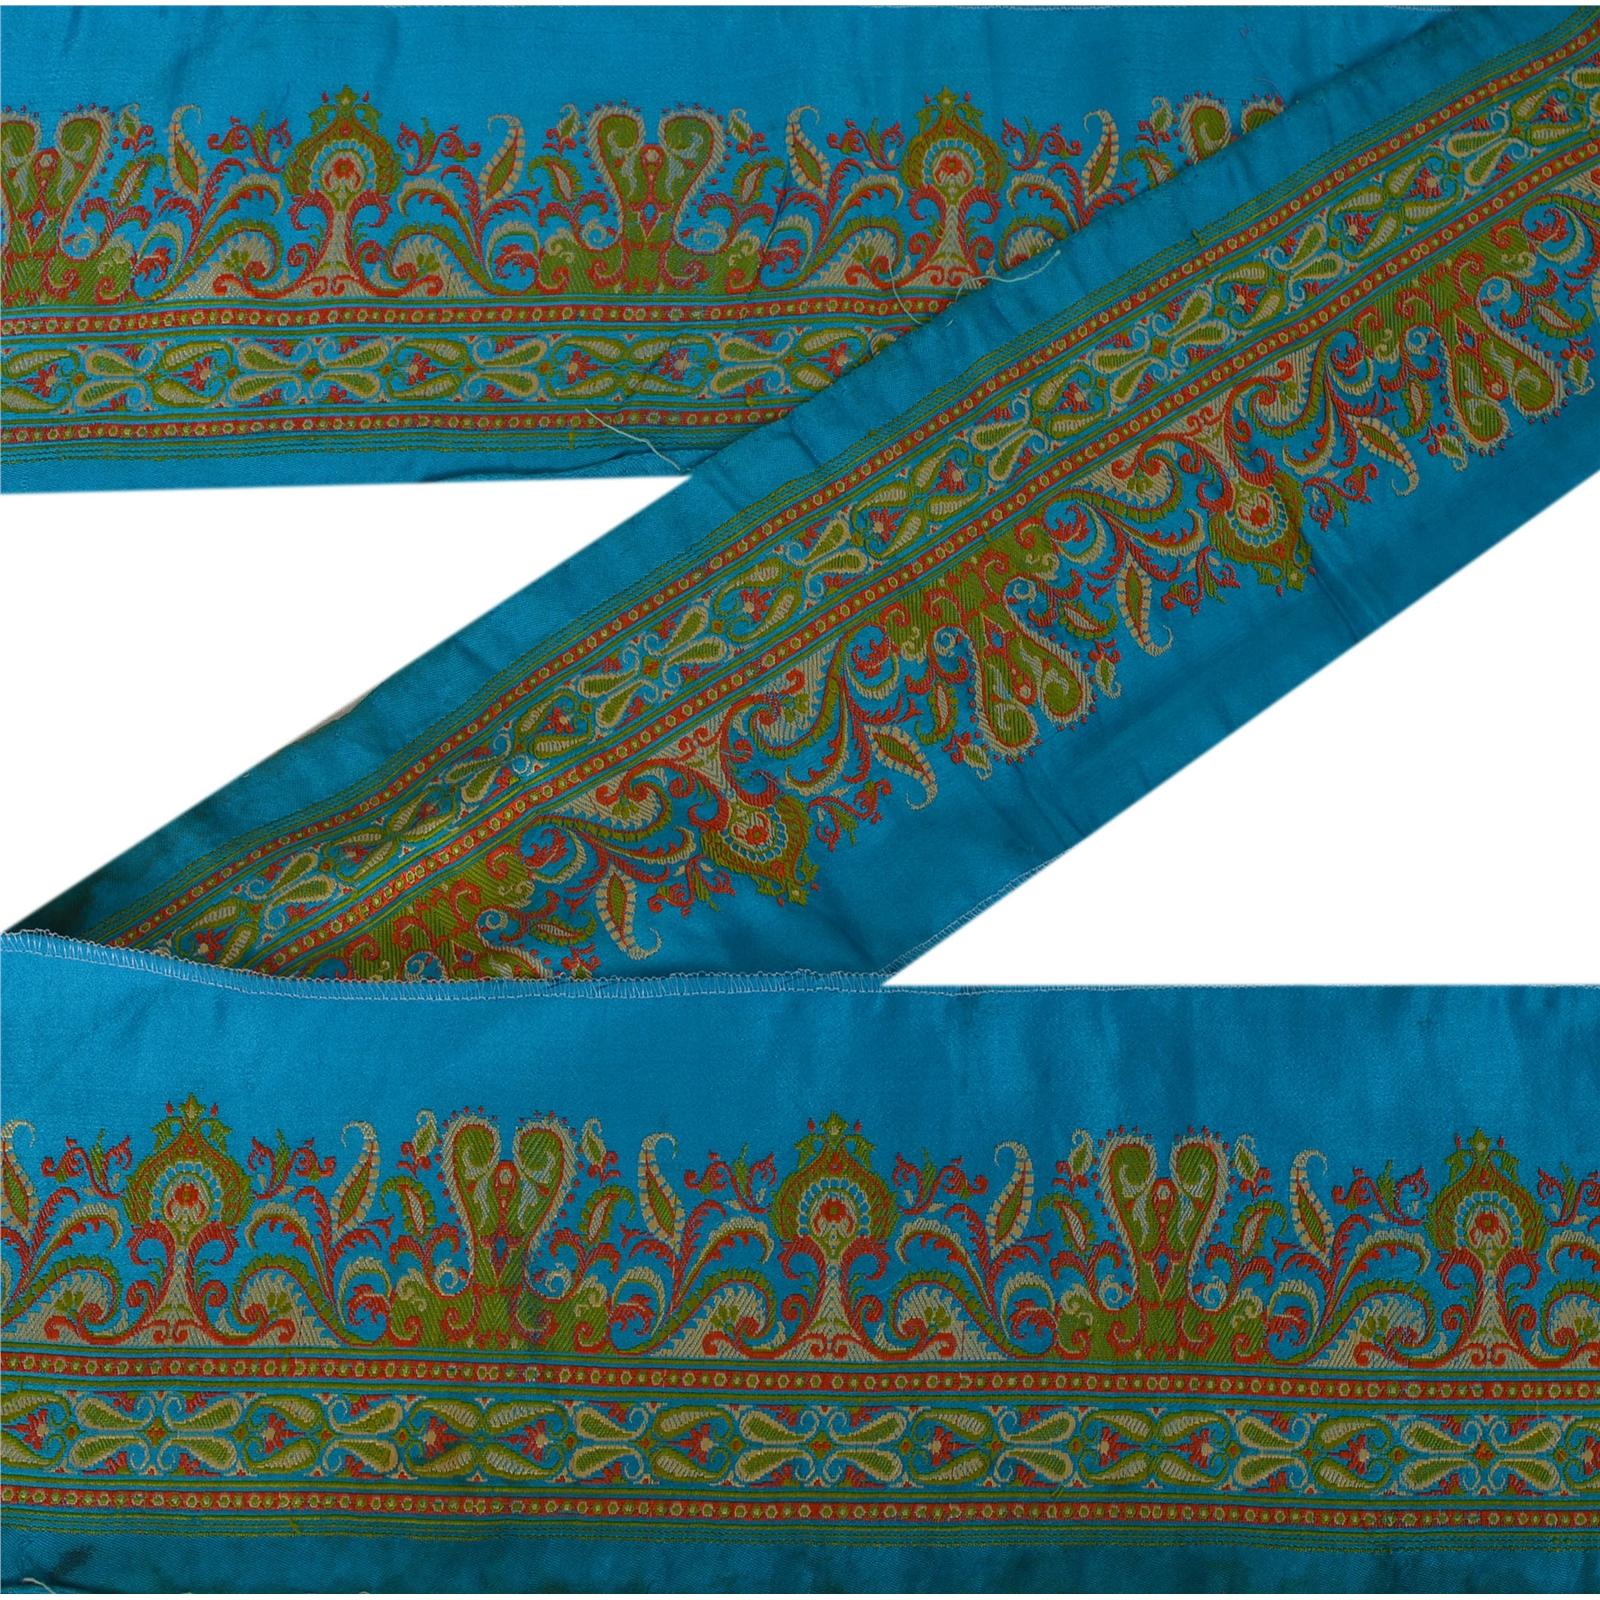 Wedding Trim Silver Ethnic Lace Sewing Craft Sari//Lengha Border 1 Metre